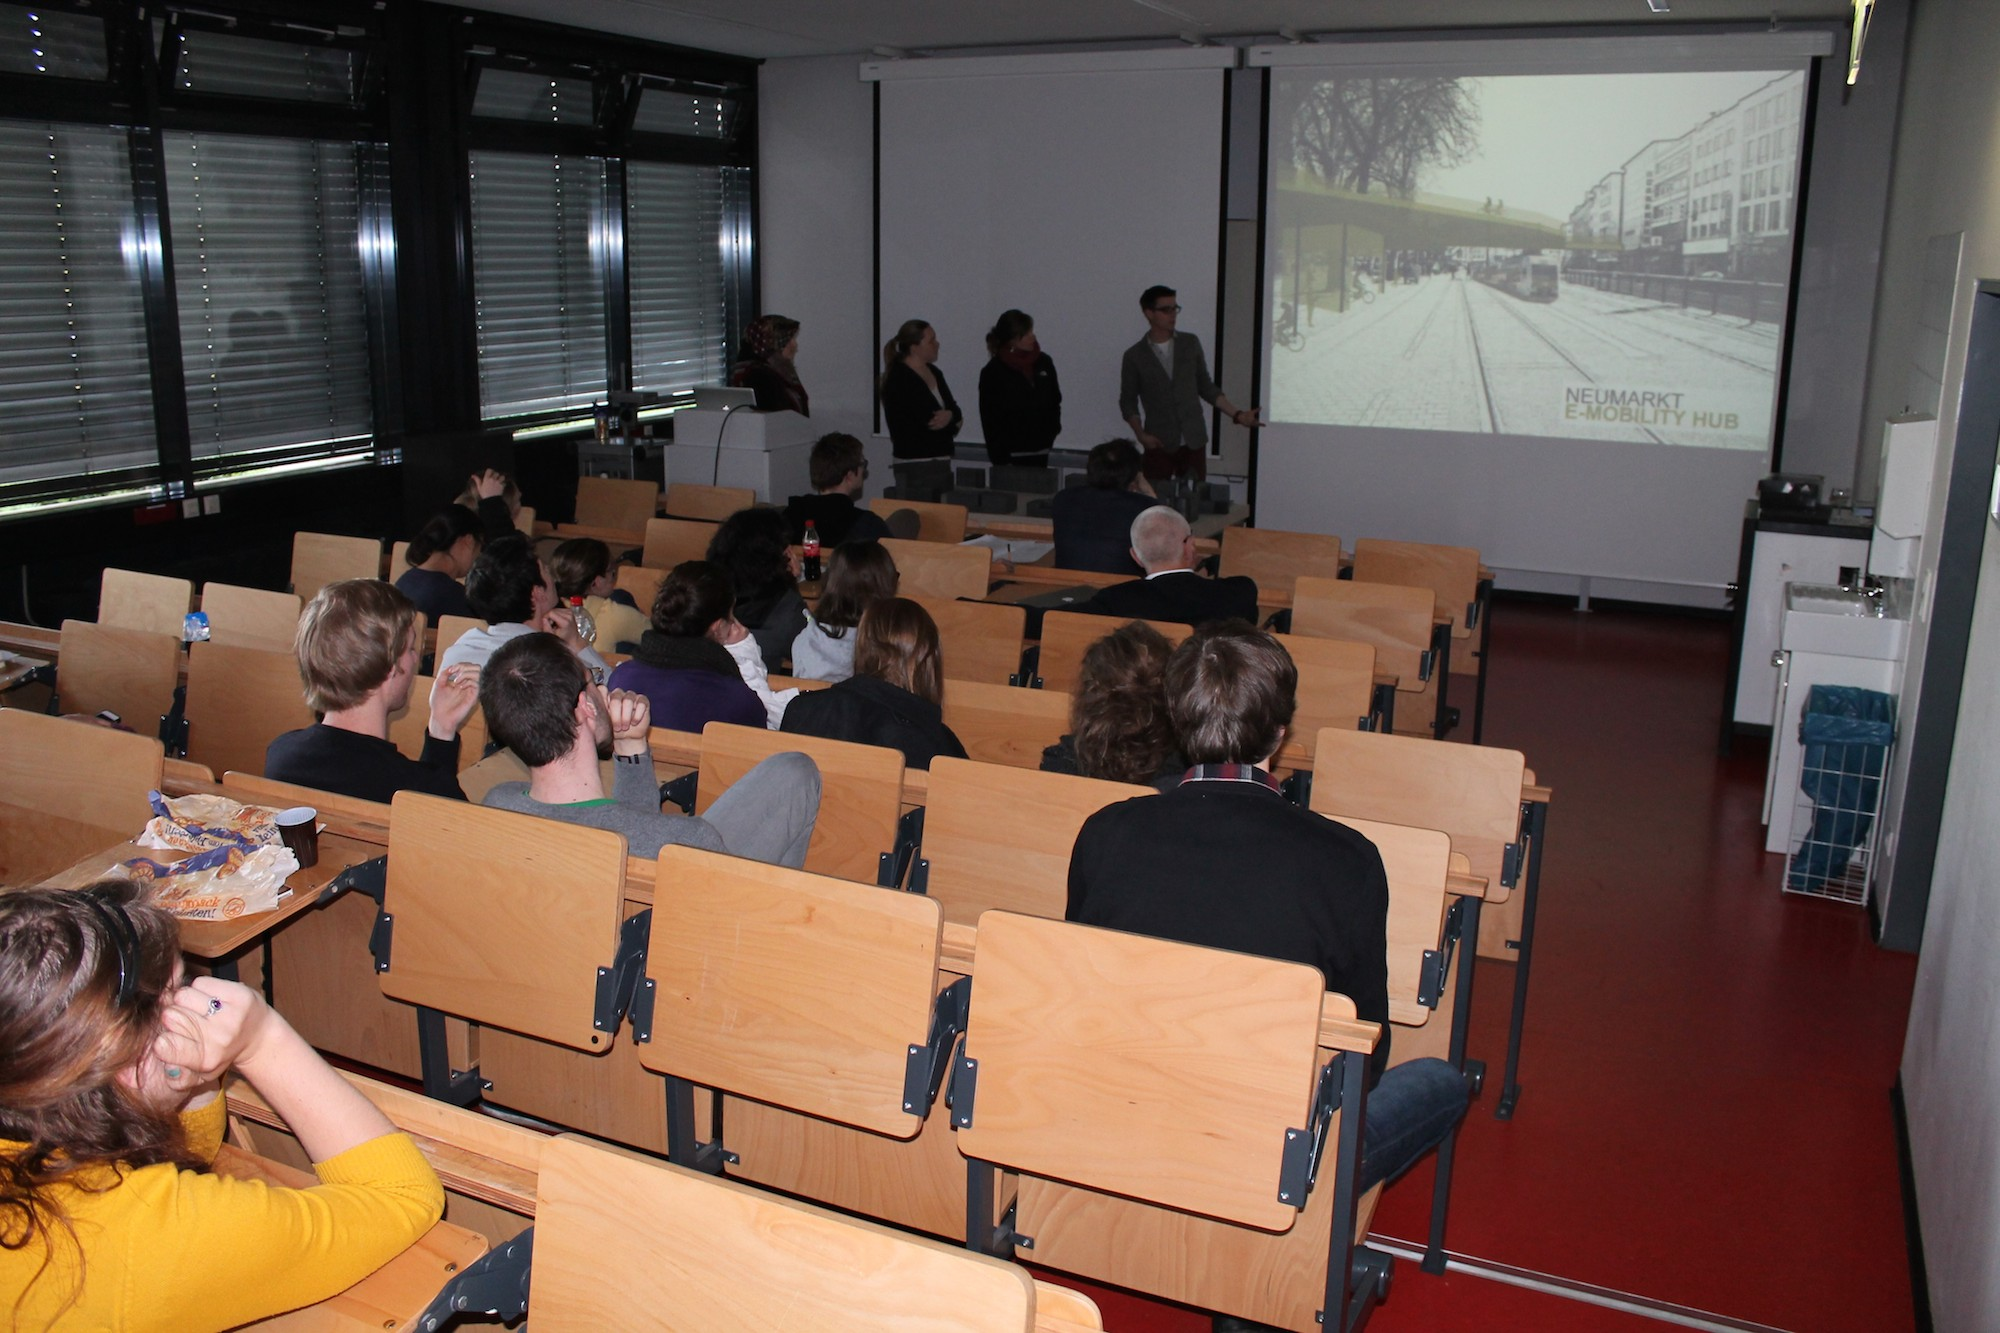 Student hält einen Vortrag in einem Hörsaal